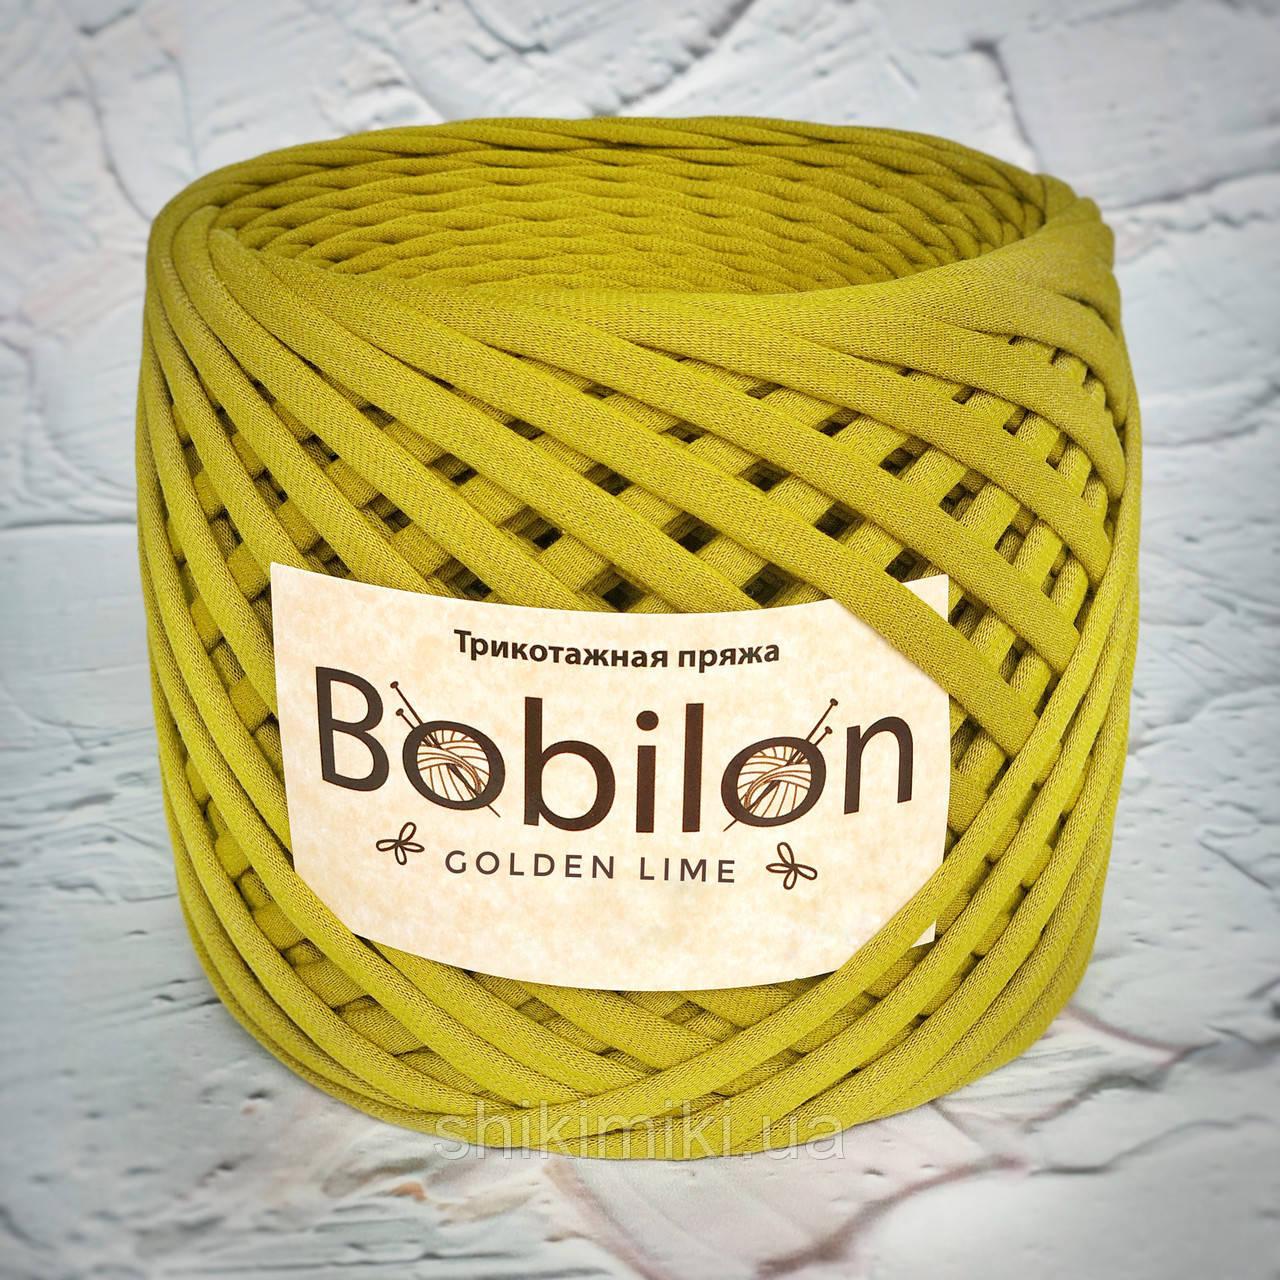 Трикотажная пряжа (7-9 мм), цвет Golden Lime